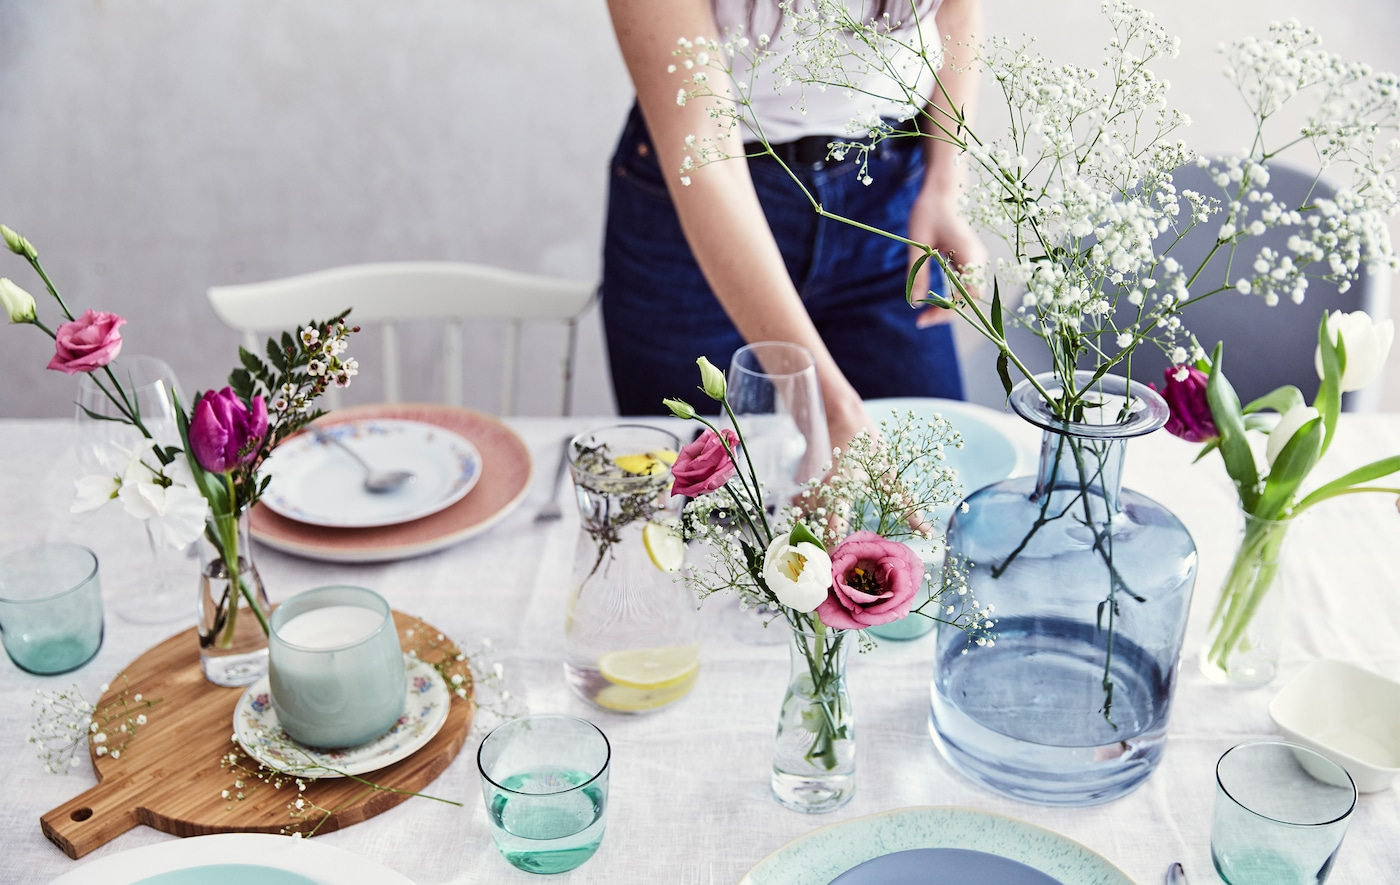 Ein Tisch mit pastellfarbenem Geschirr, frischen Blumen in Glasvasen und einem Holzbrett auf einer weissen Tischdecke.